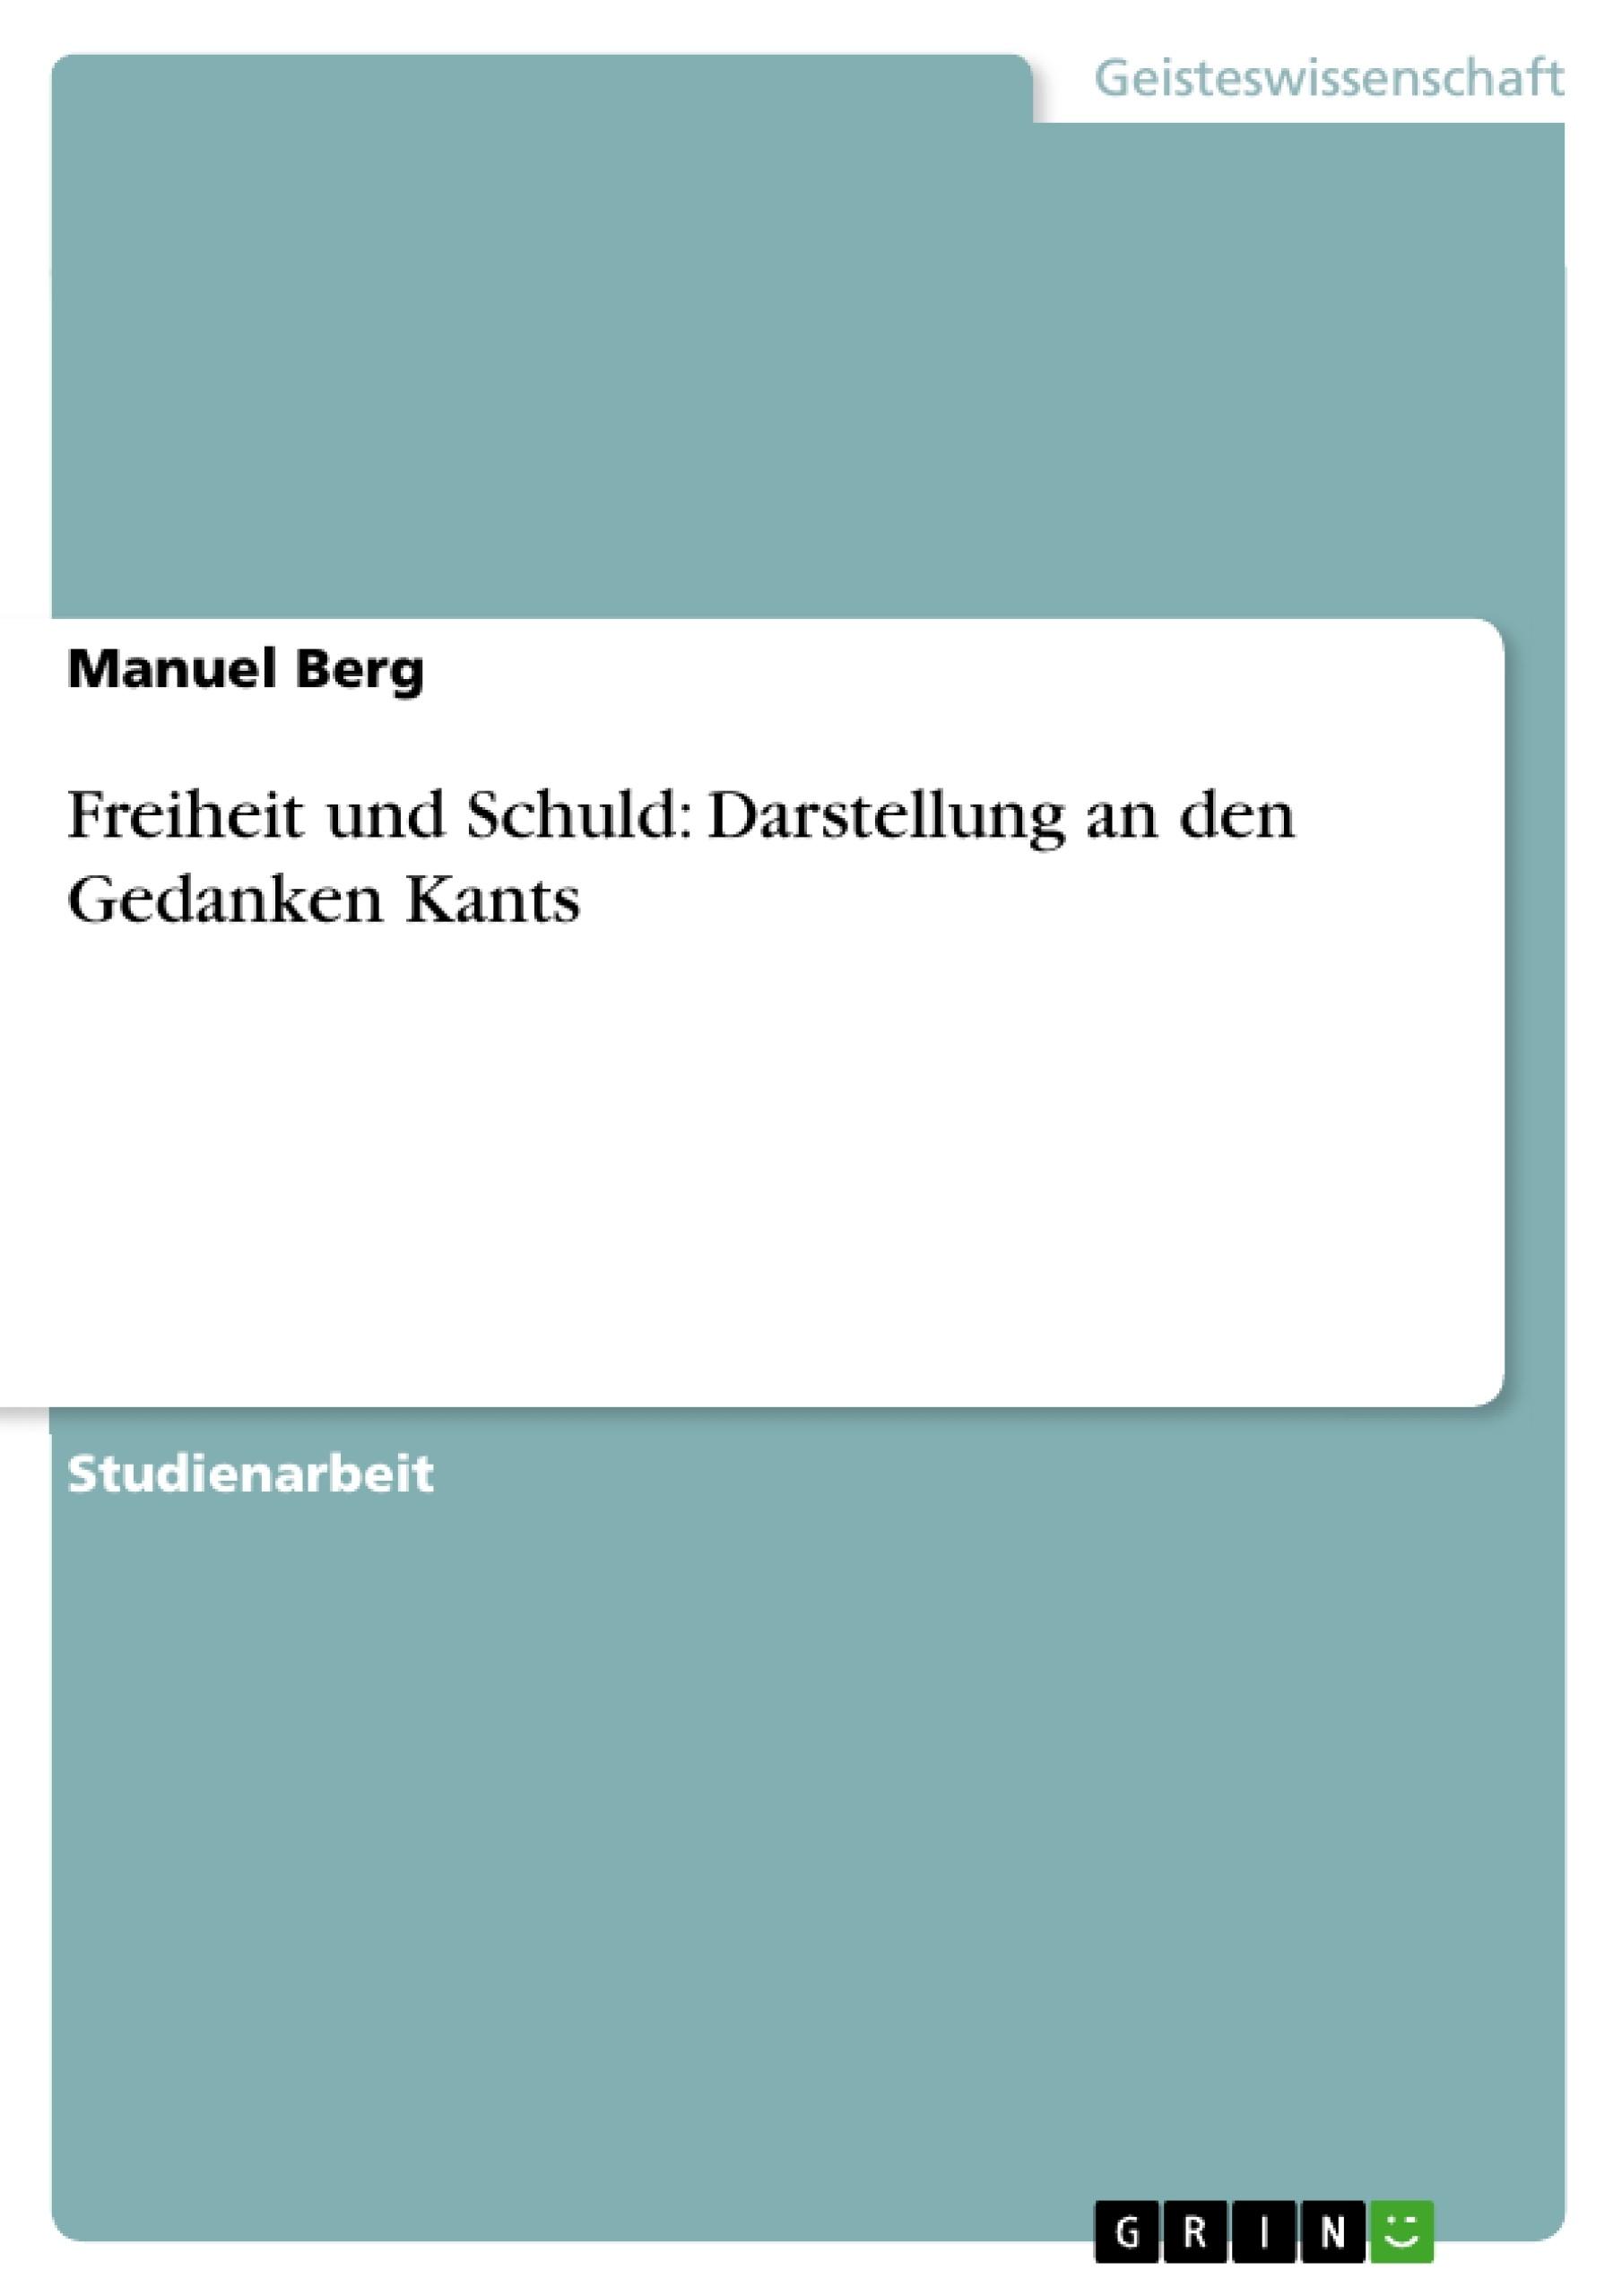 Titel: Freiheit und Schuld: Darstellung an den Gedanken Kants